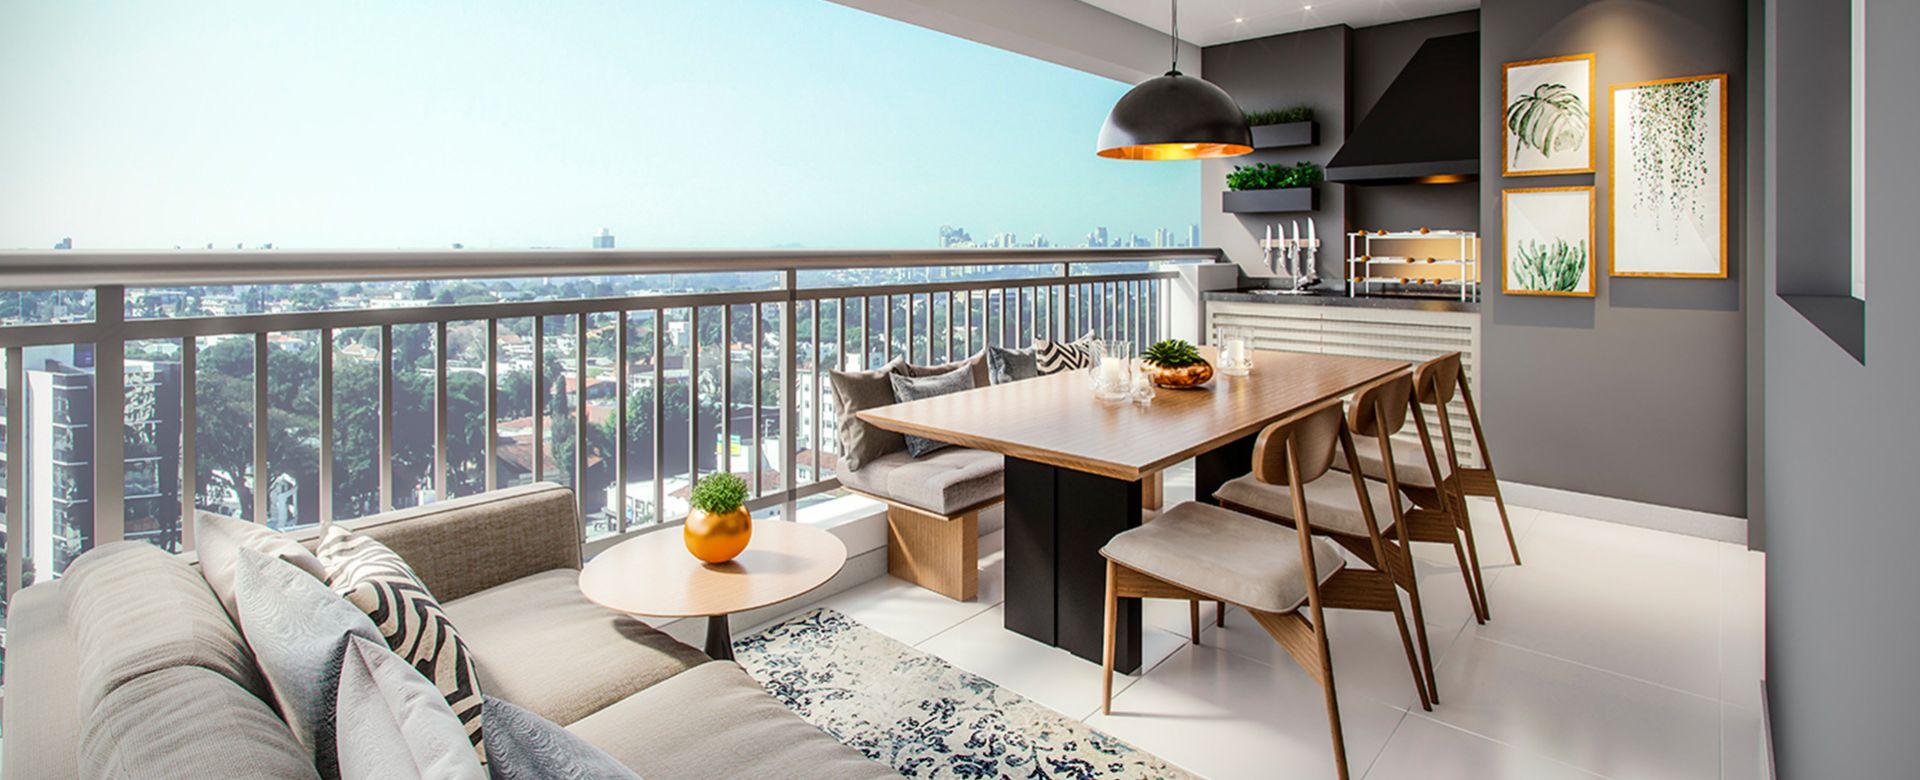 Imagem destaque do Blem Home Resort